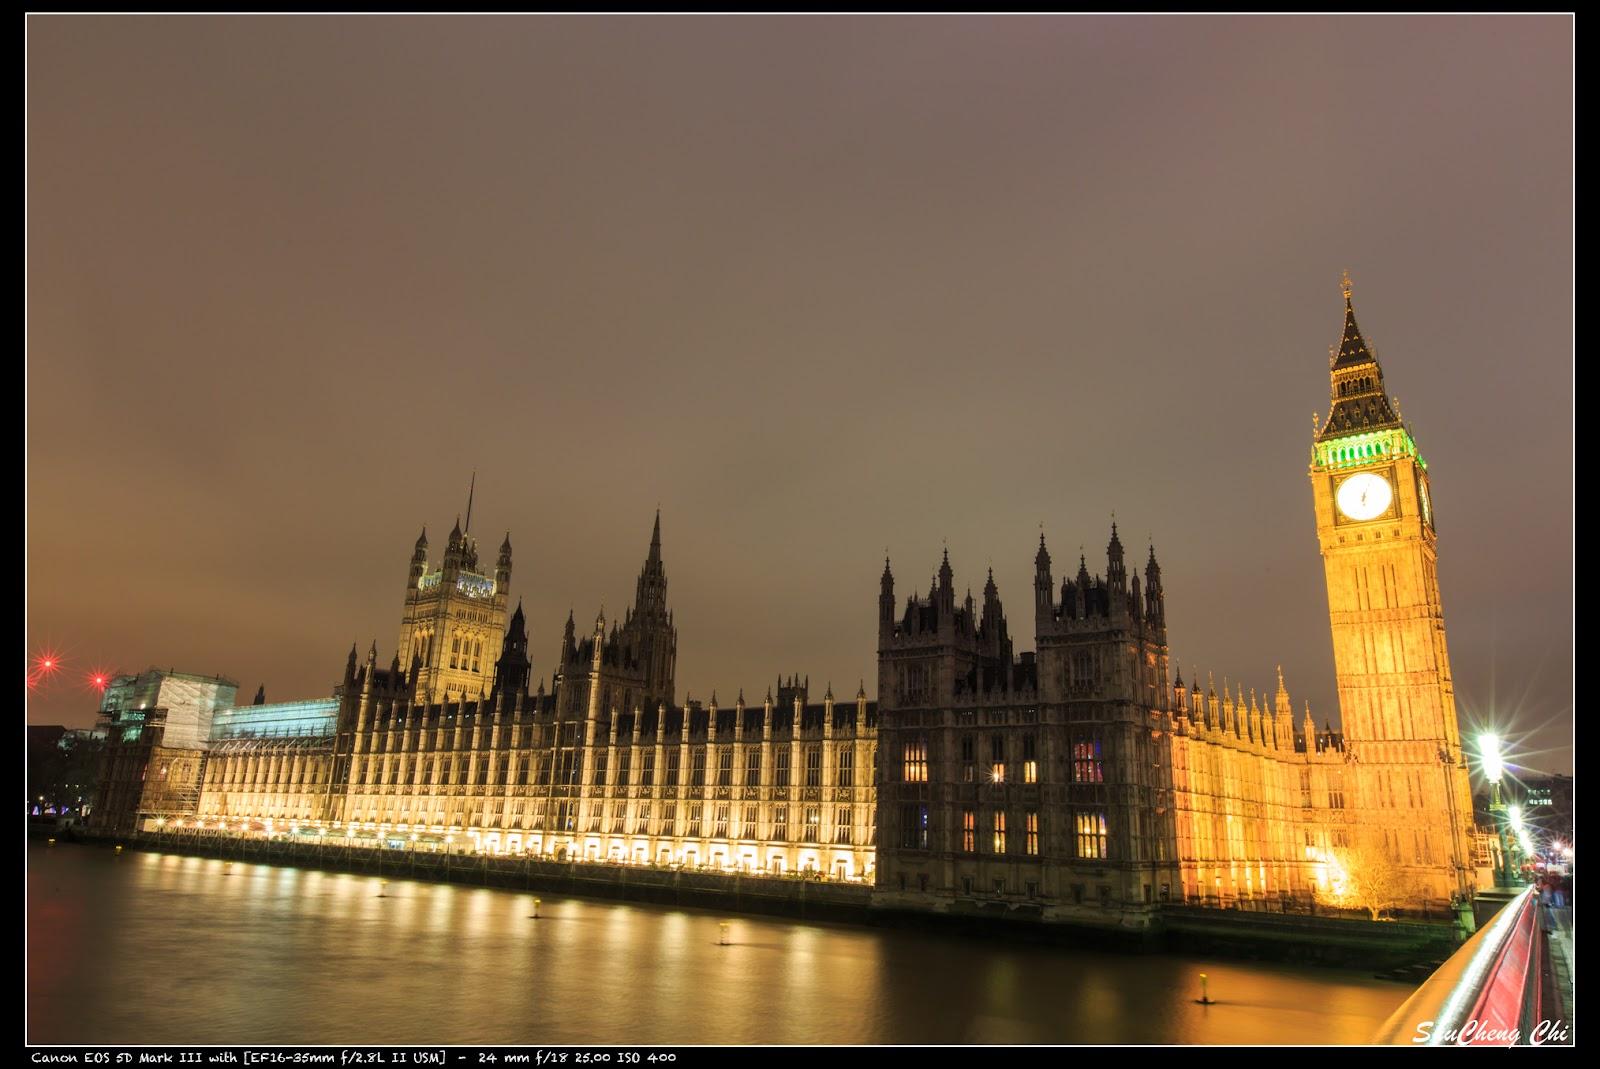 特愛日本 瘋旅行: 2015 歐洲自助蜜月 [景點] Thames River at Night (Westminster Bridge) 泰晤士河夜景 (西敏橋周邊)